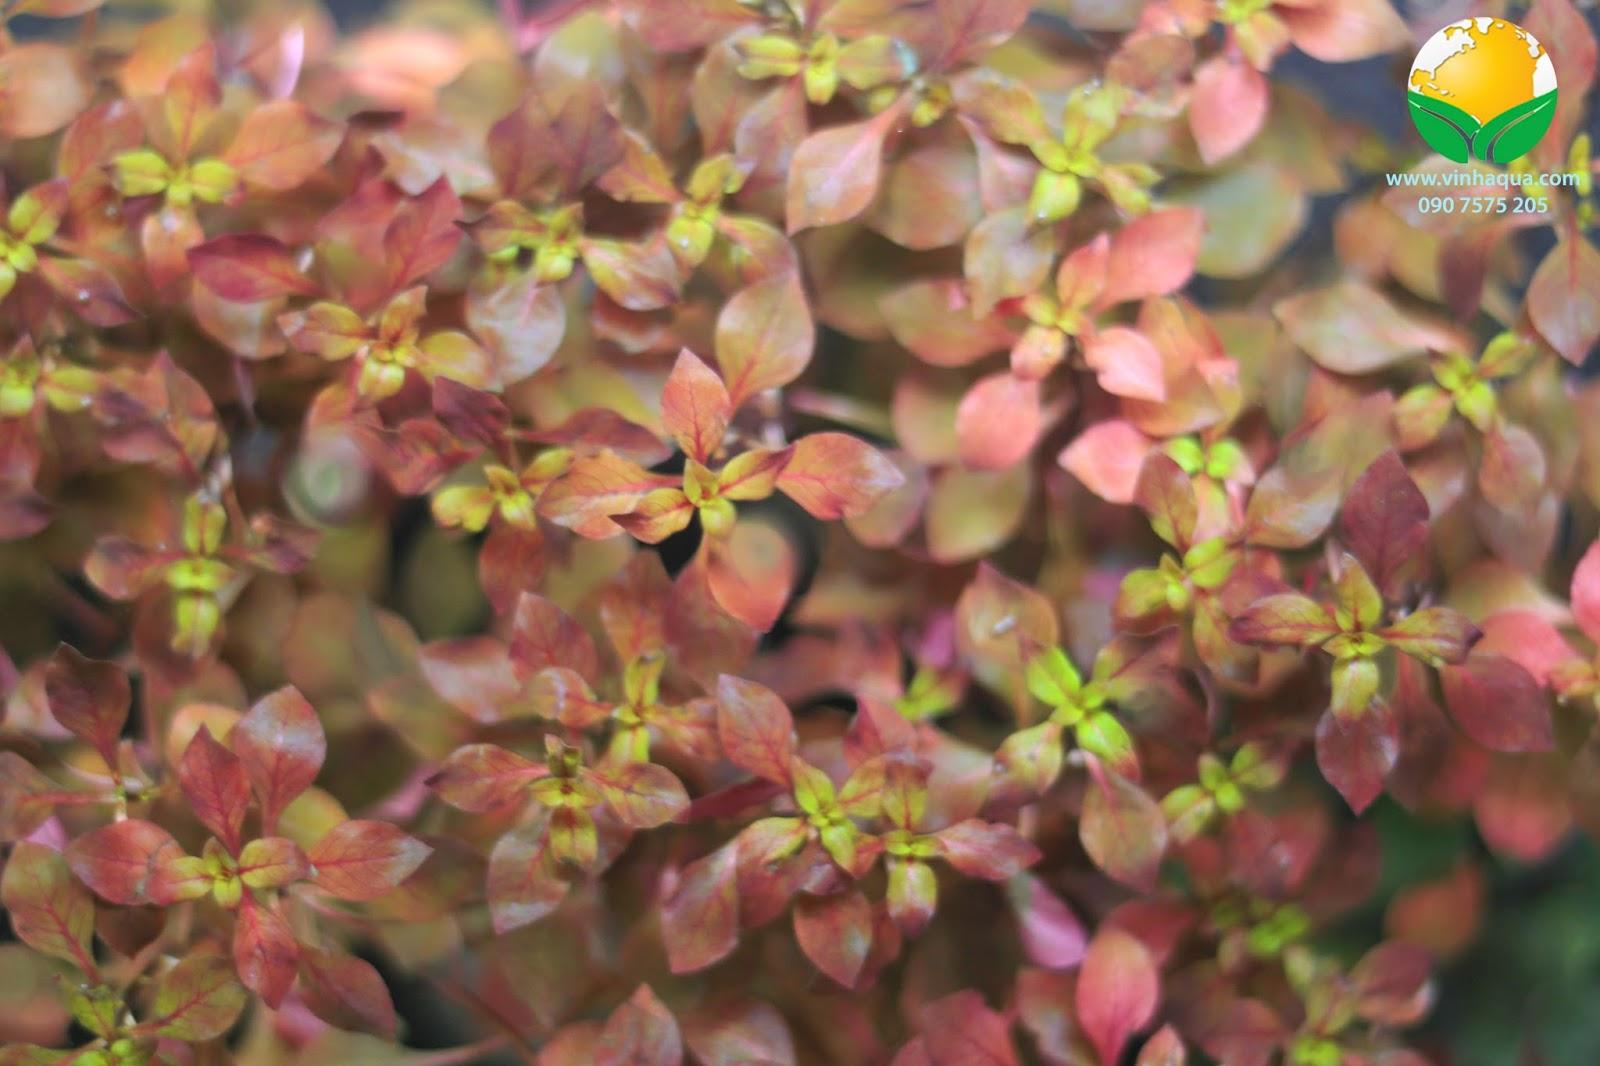 Phụ kiện thủy sinh - các loại cây có màu đỏ, hồng